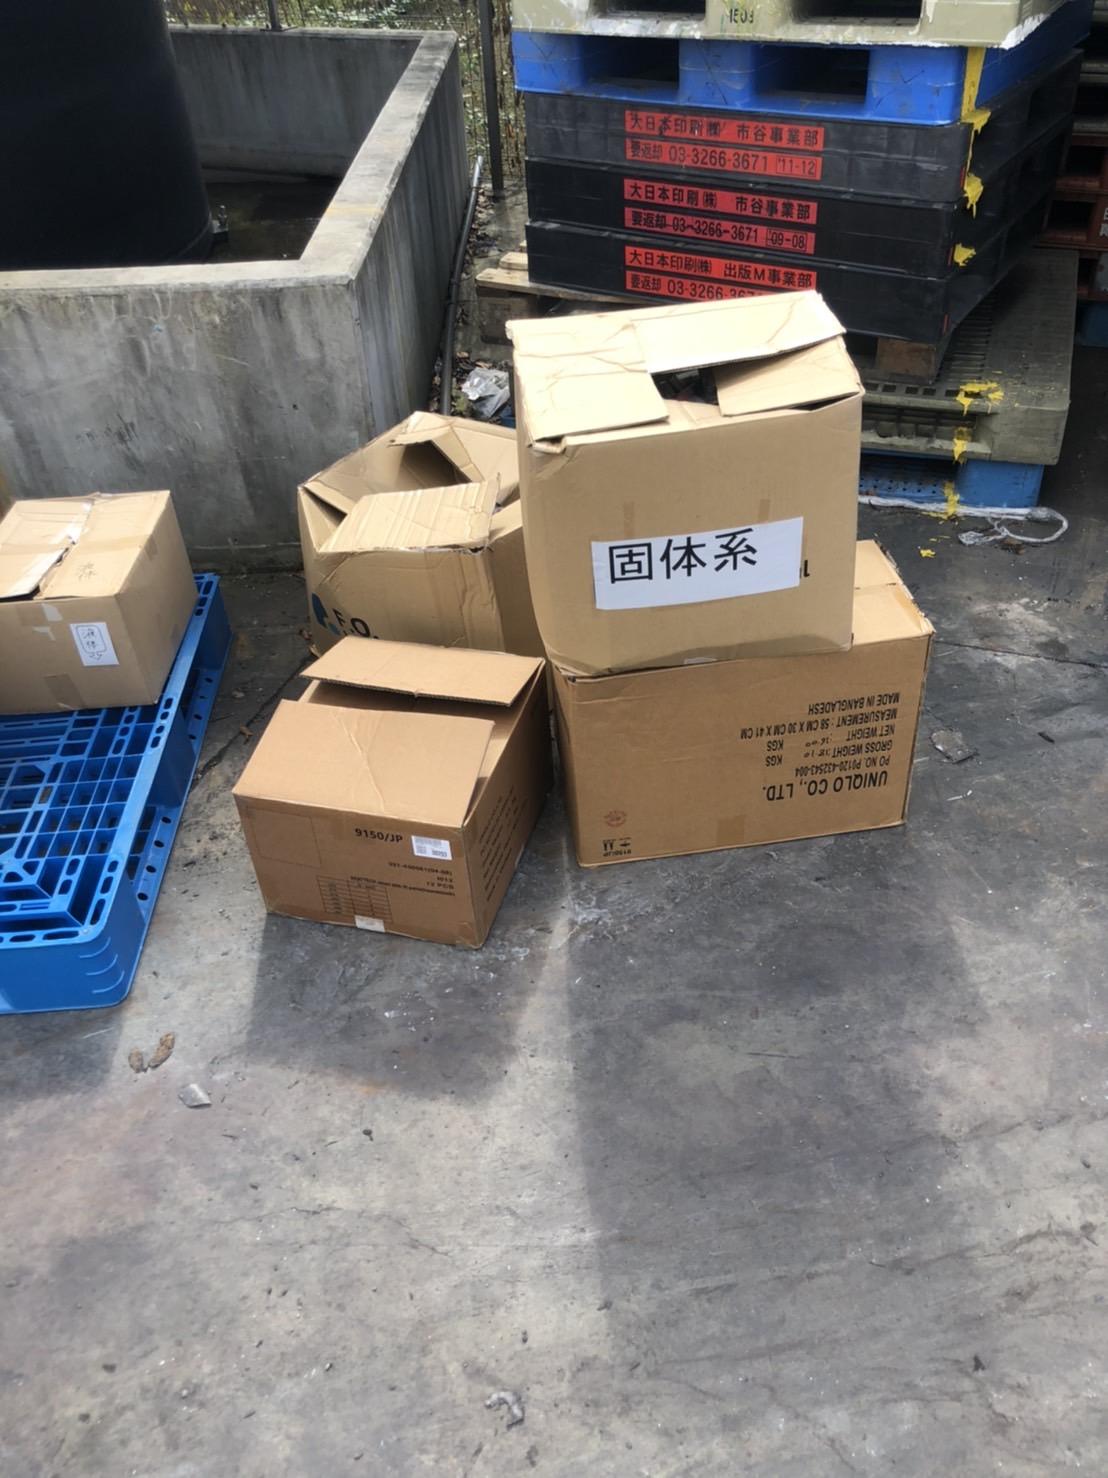 【産業廃棄物の処理】某百貨店の化粧品廃棄処理を行った事例を紹介します。